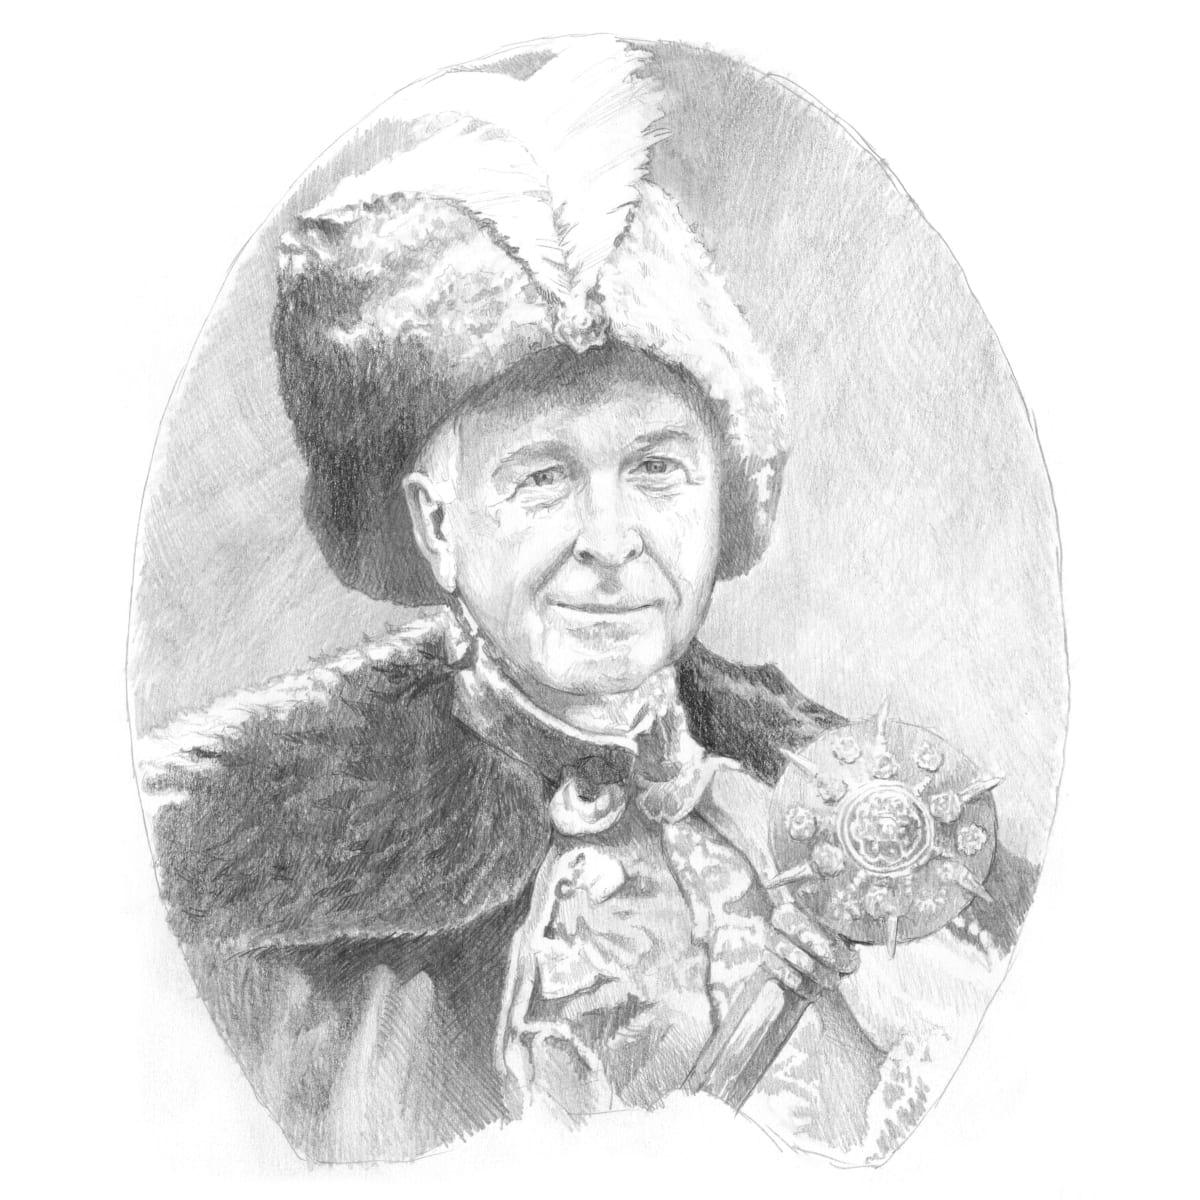 Portret właściciela książki wykonany przez artystę